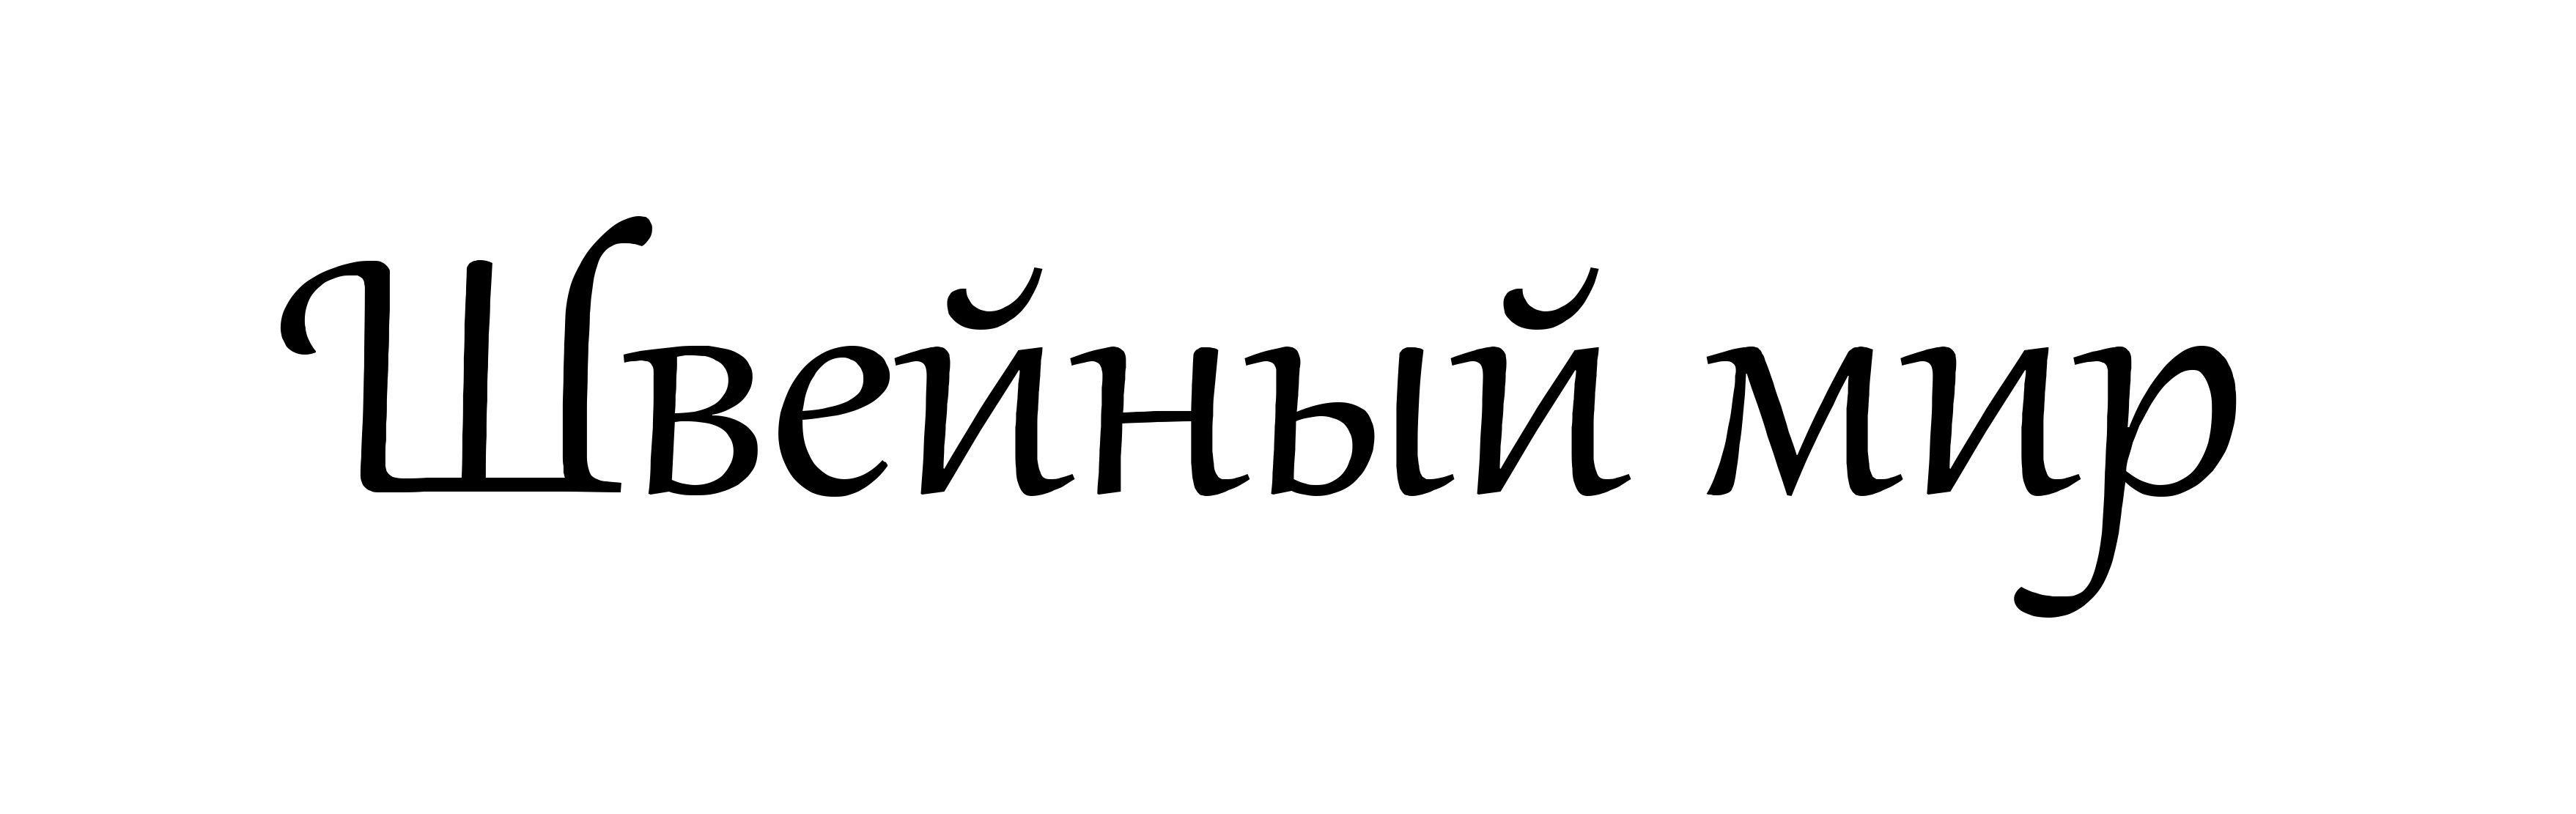 Логотип для ООО Швейный мир - дизайнер mix-rec